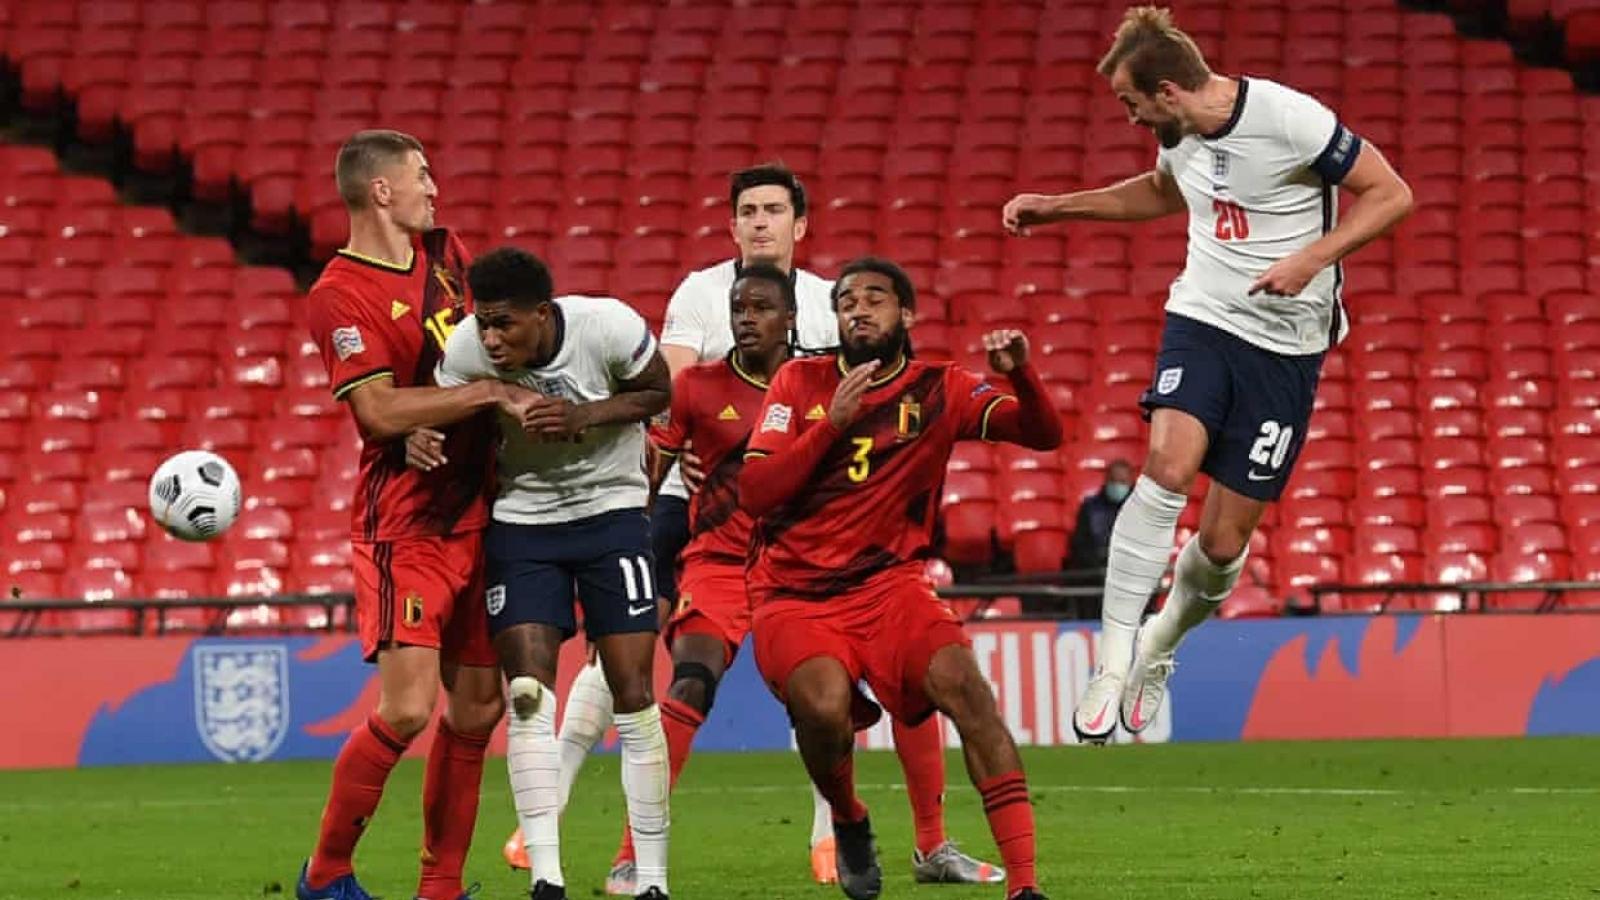 Mason Mount lập siêu phẩm, ĐT Anh ngược dòng kịch tính trước Bỉ tại Wembley